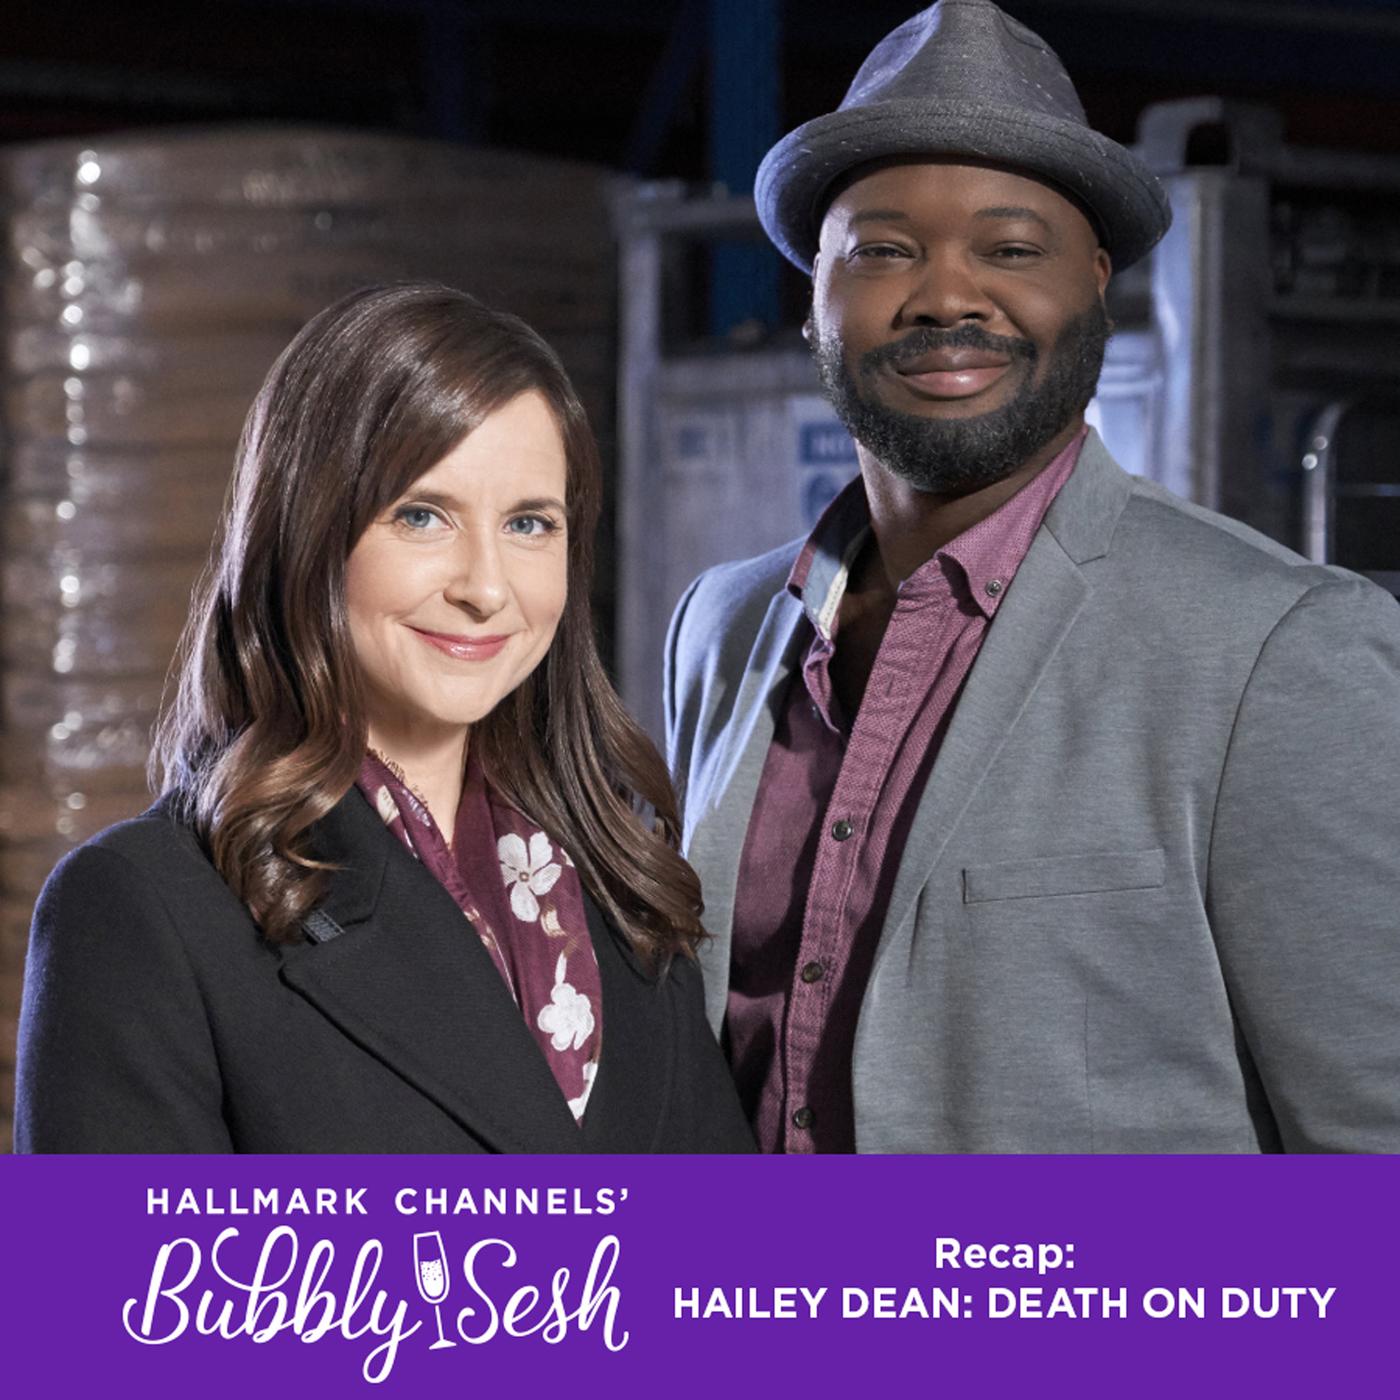 Hailey Dean: Death on Duty Recap